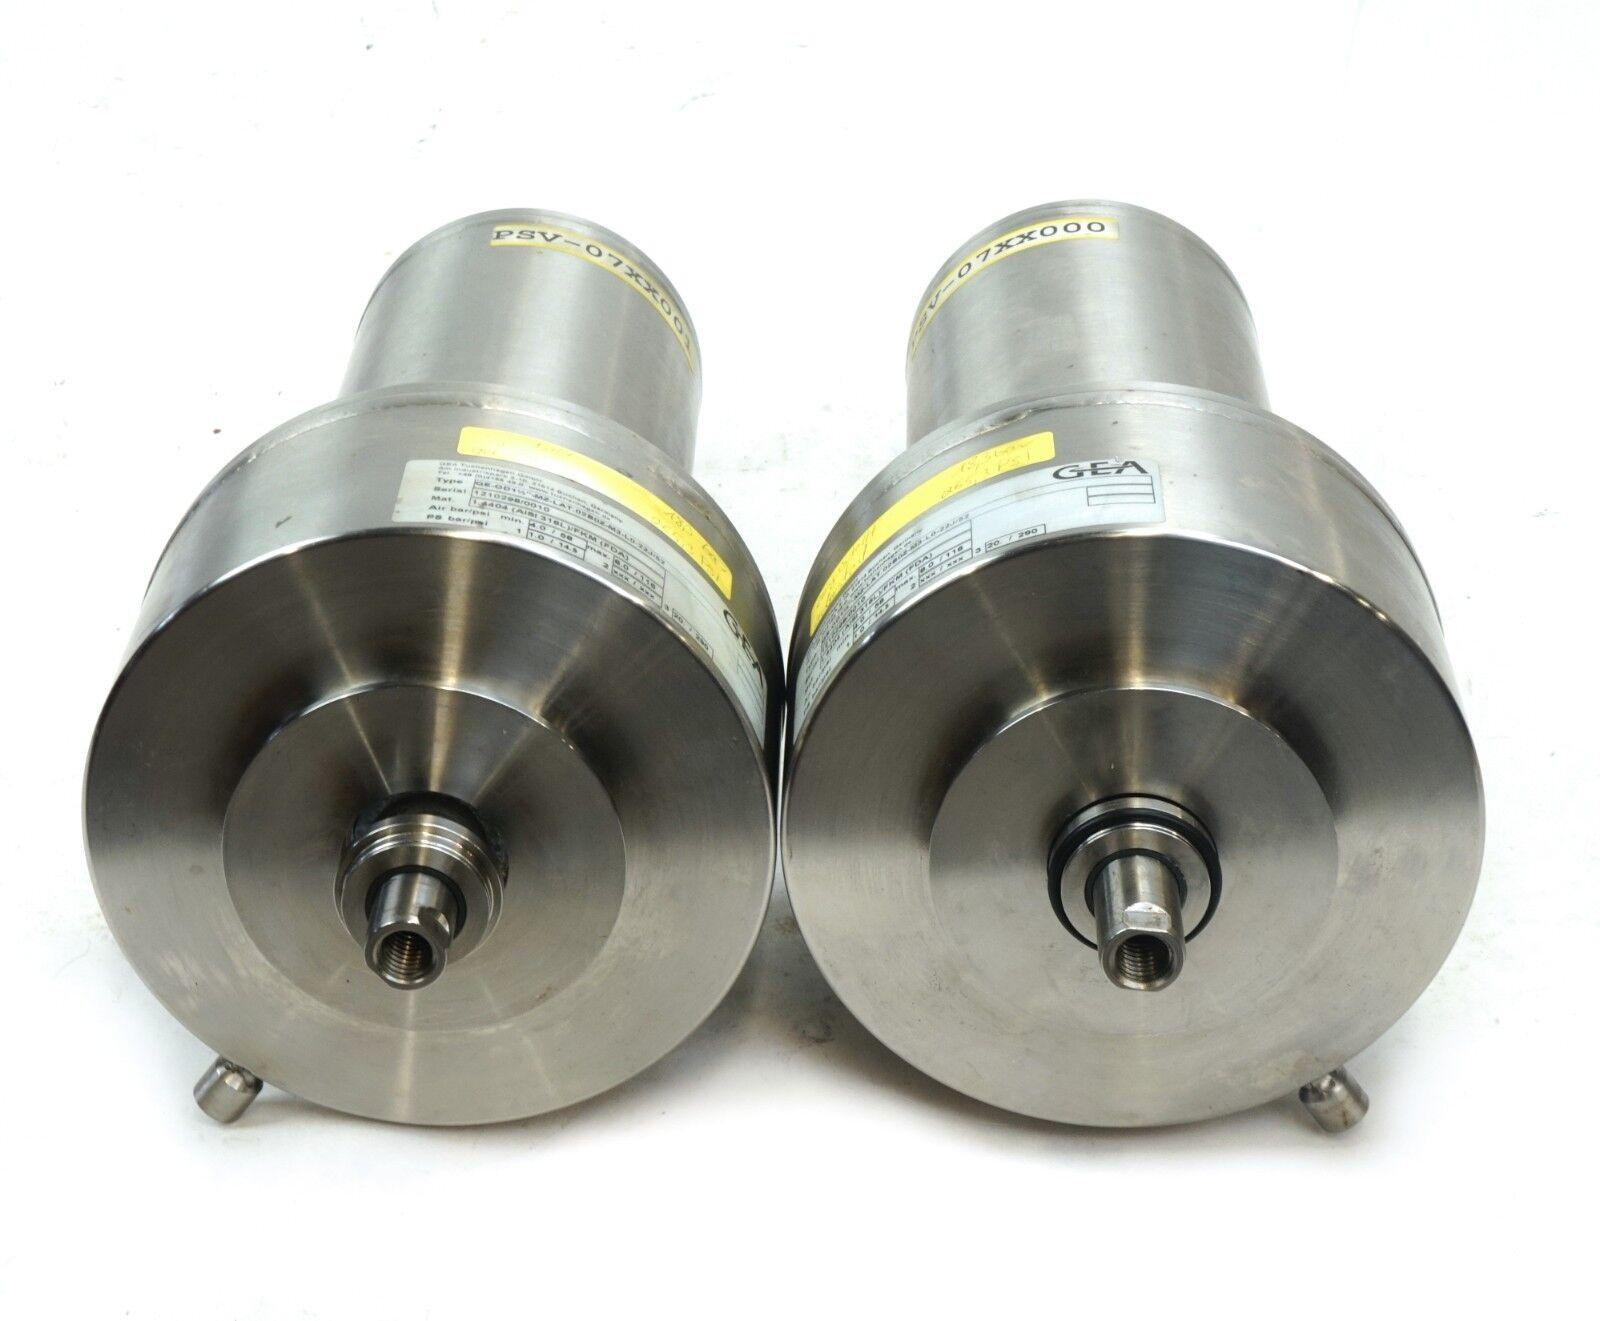 GEA reliefe valve